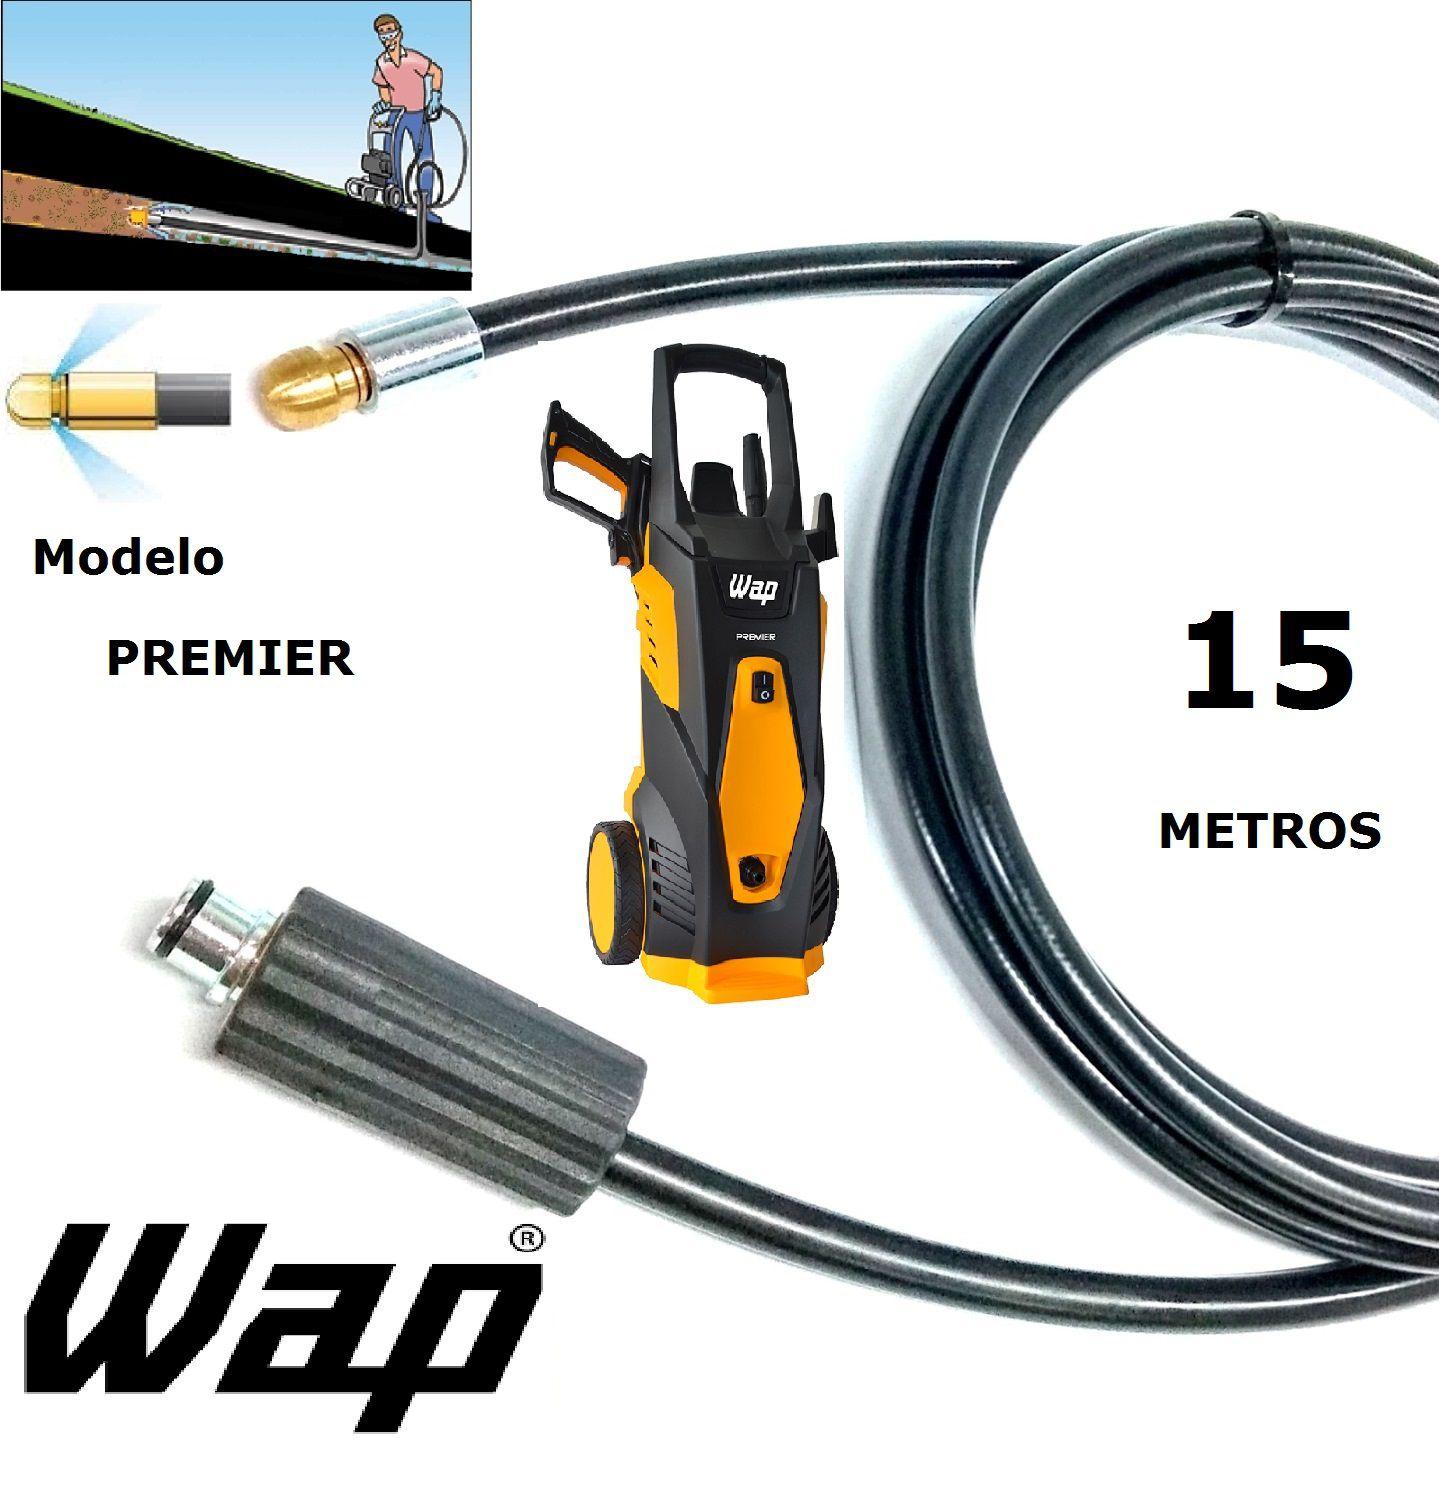 Mangueira desentupidora de tubulação WAP - 15 Metros - Wap PREMIER